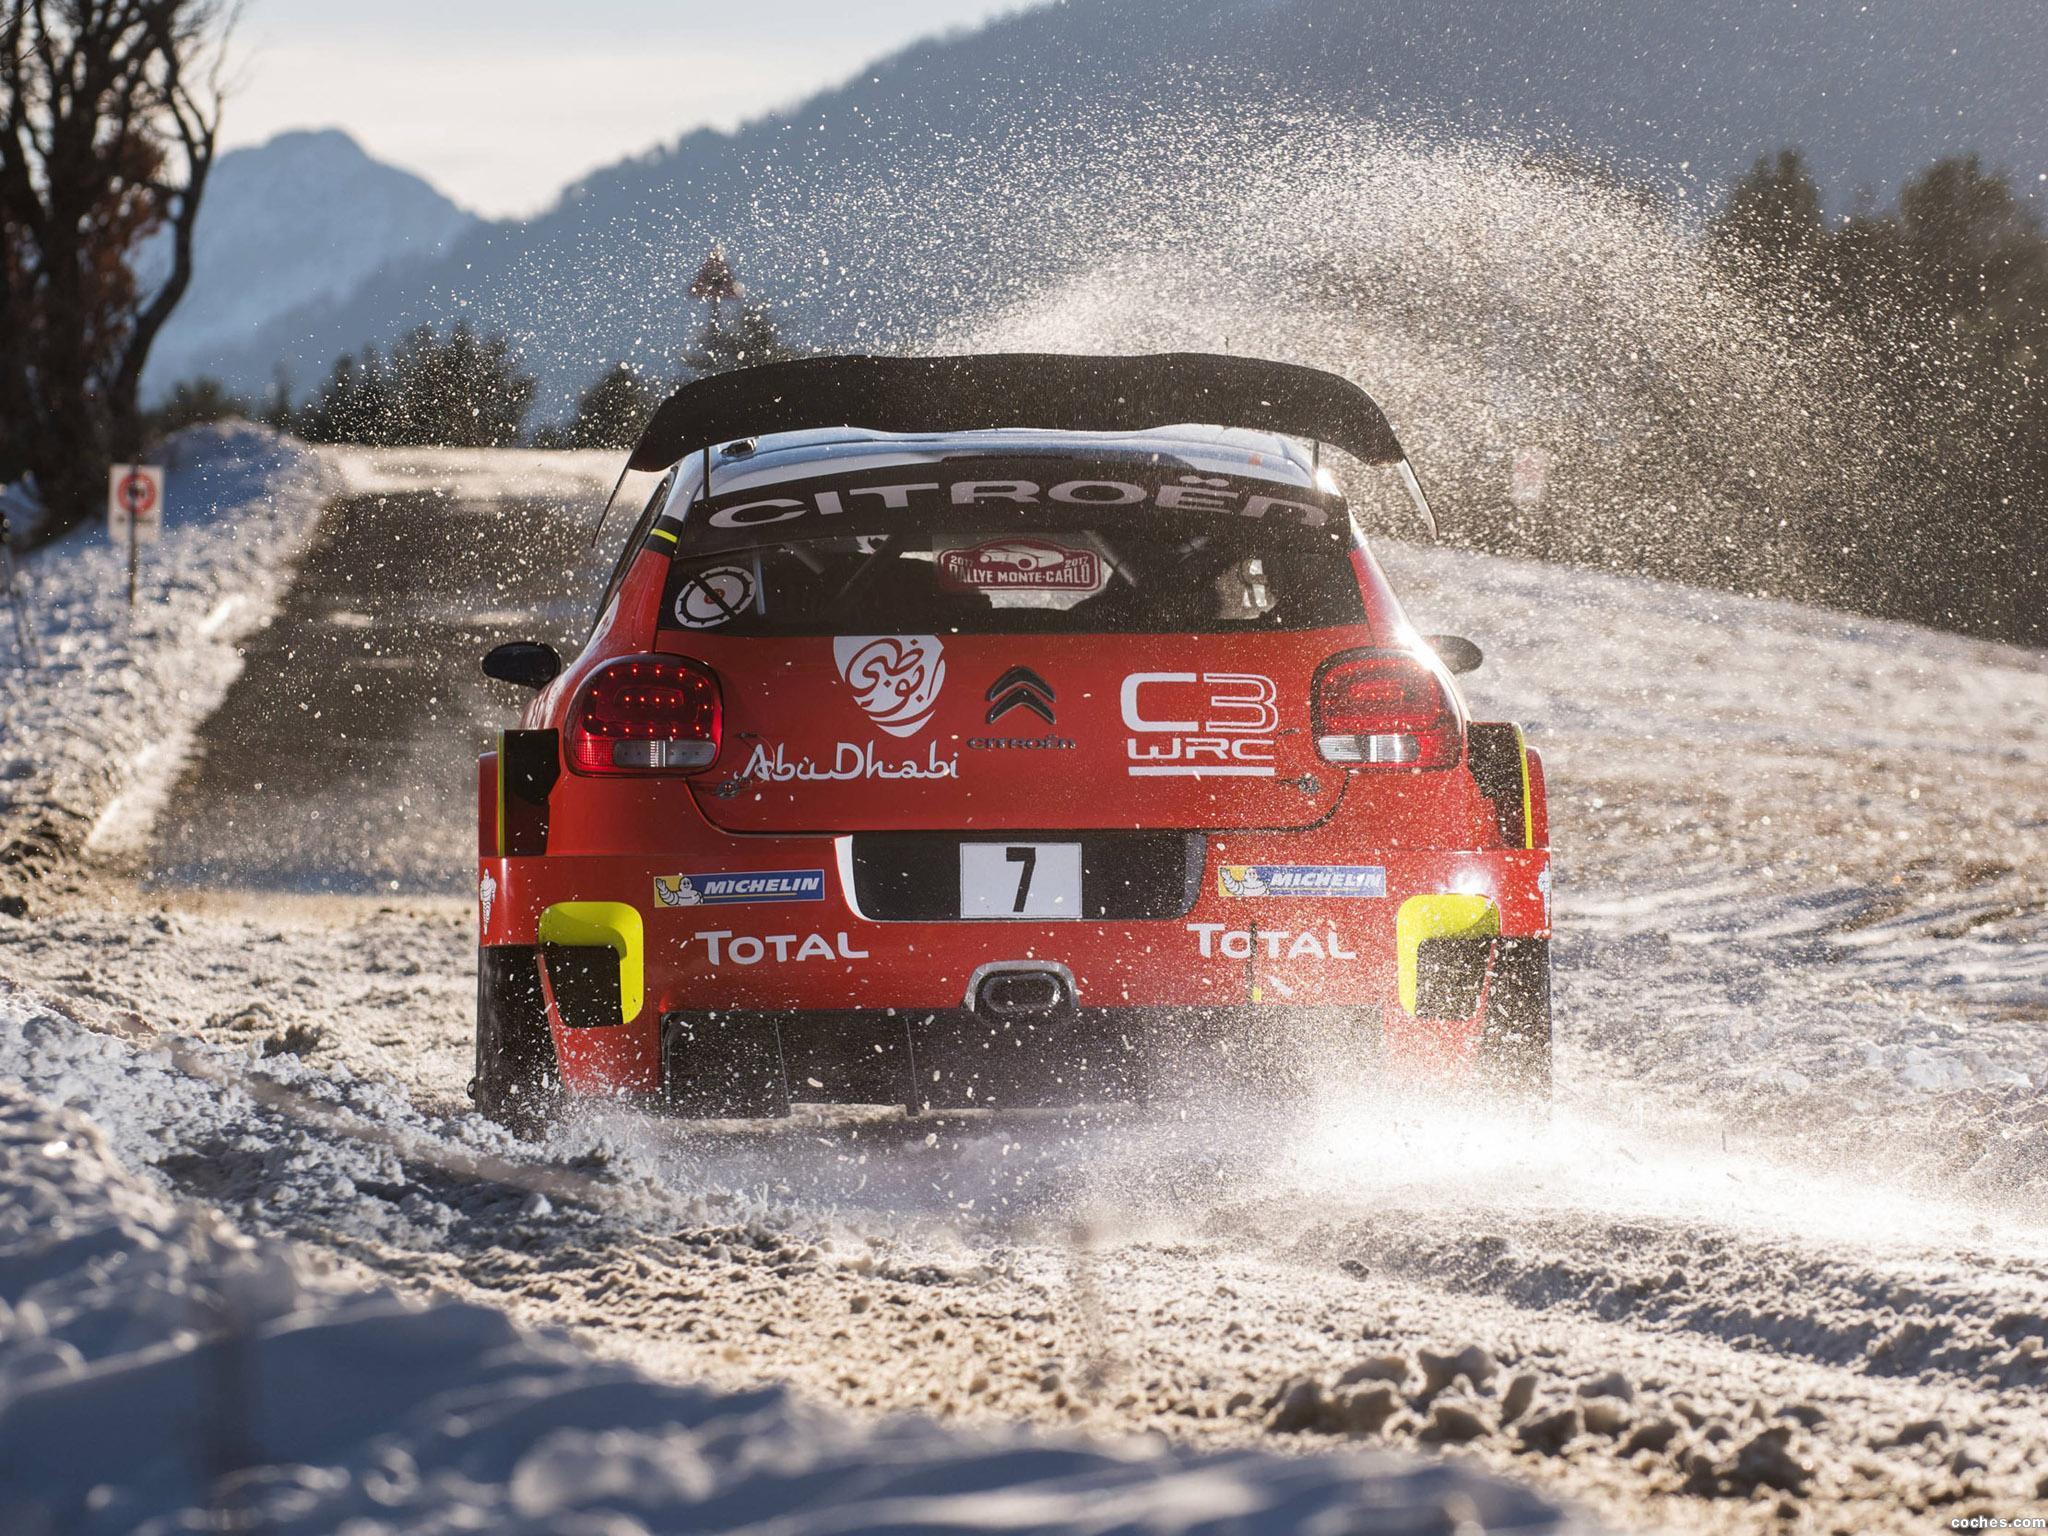 Foto 12 de Citroen C3 WRC 2017